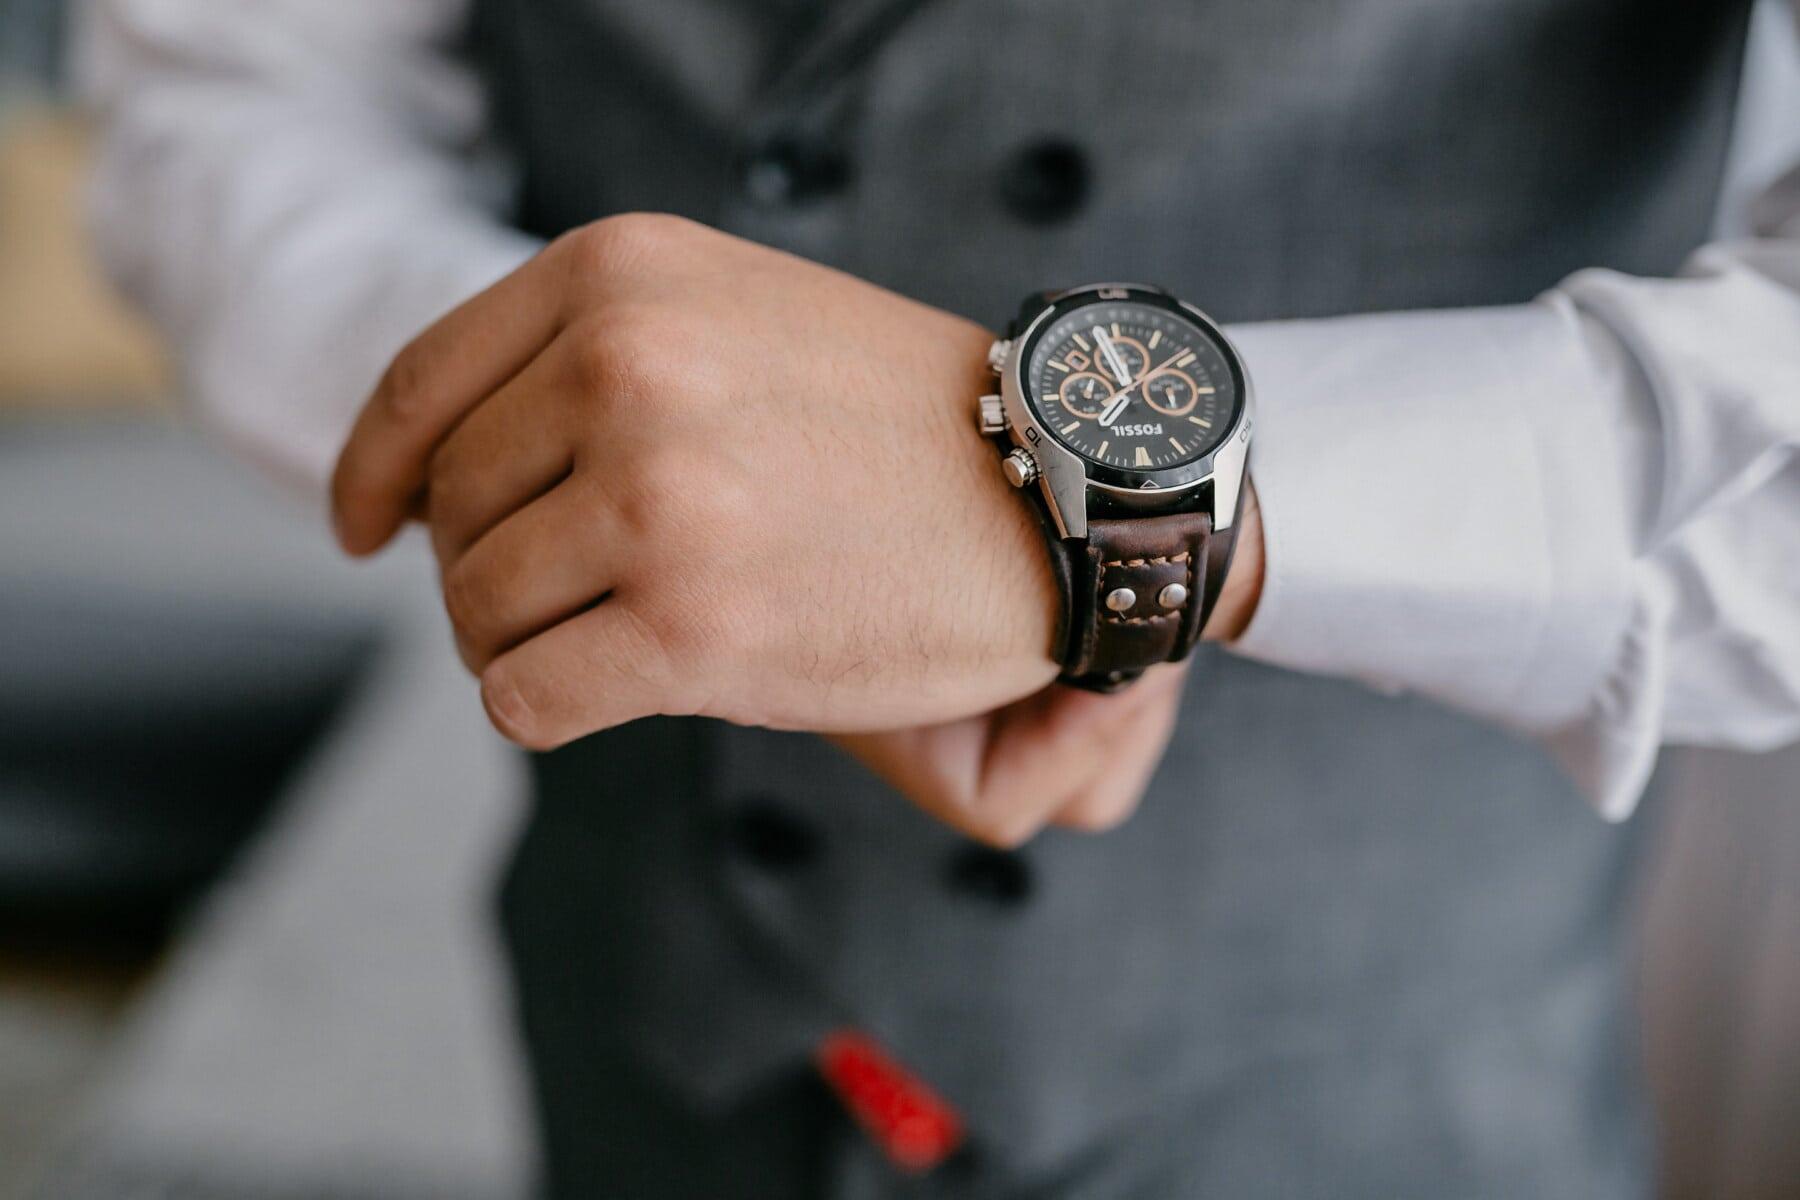 Armbanduhr, Lust auf, teuer, Mann, Manager, Smokinganzug, Uhr, Hand, Zeit, Menschen